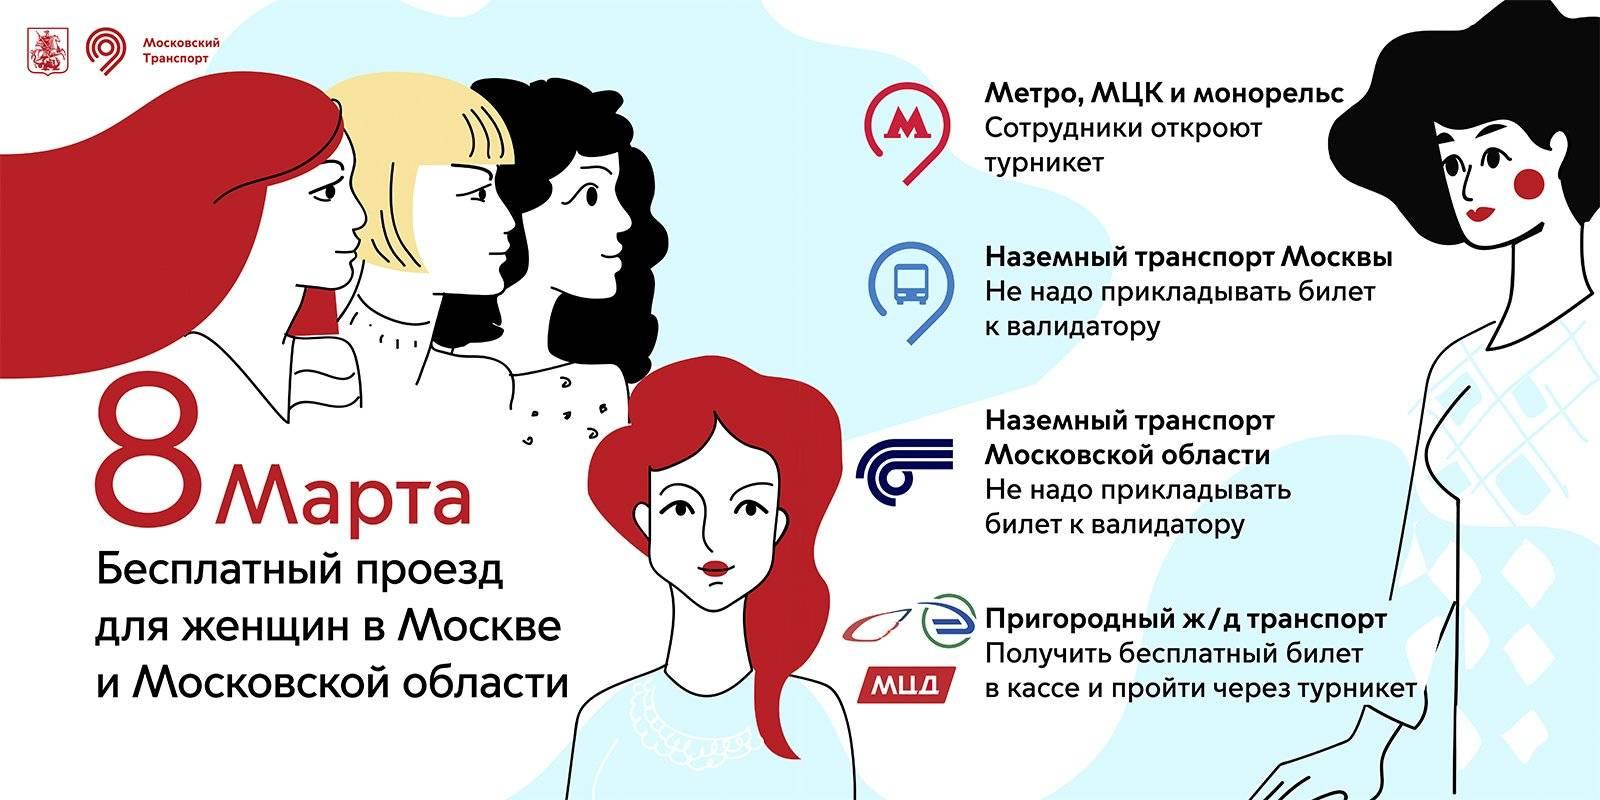 Изображения: сайт Мэра Москвы.